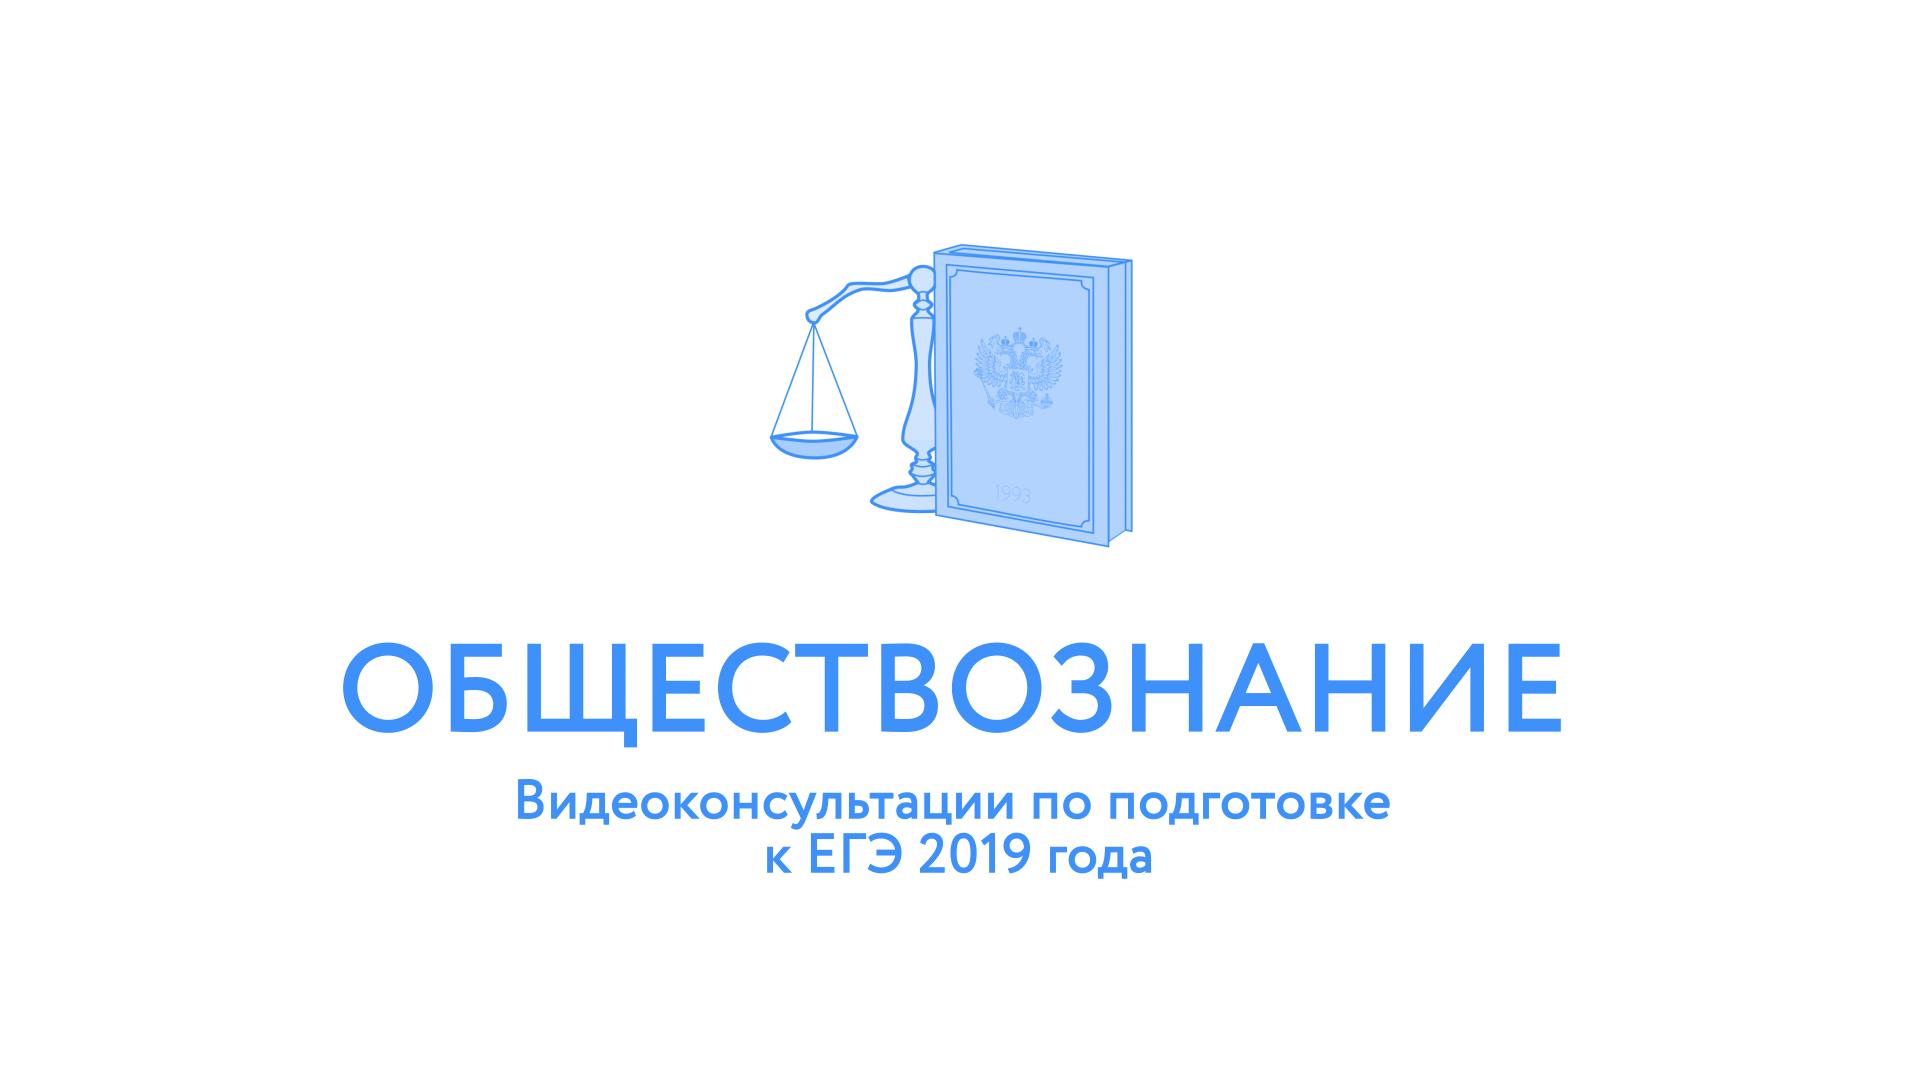 Рособрнадзор выпустил видеоконсультации ЕГЭ-2019 по обществознанию